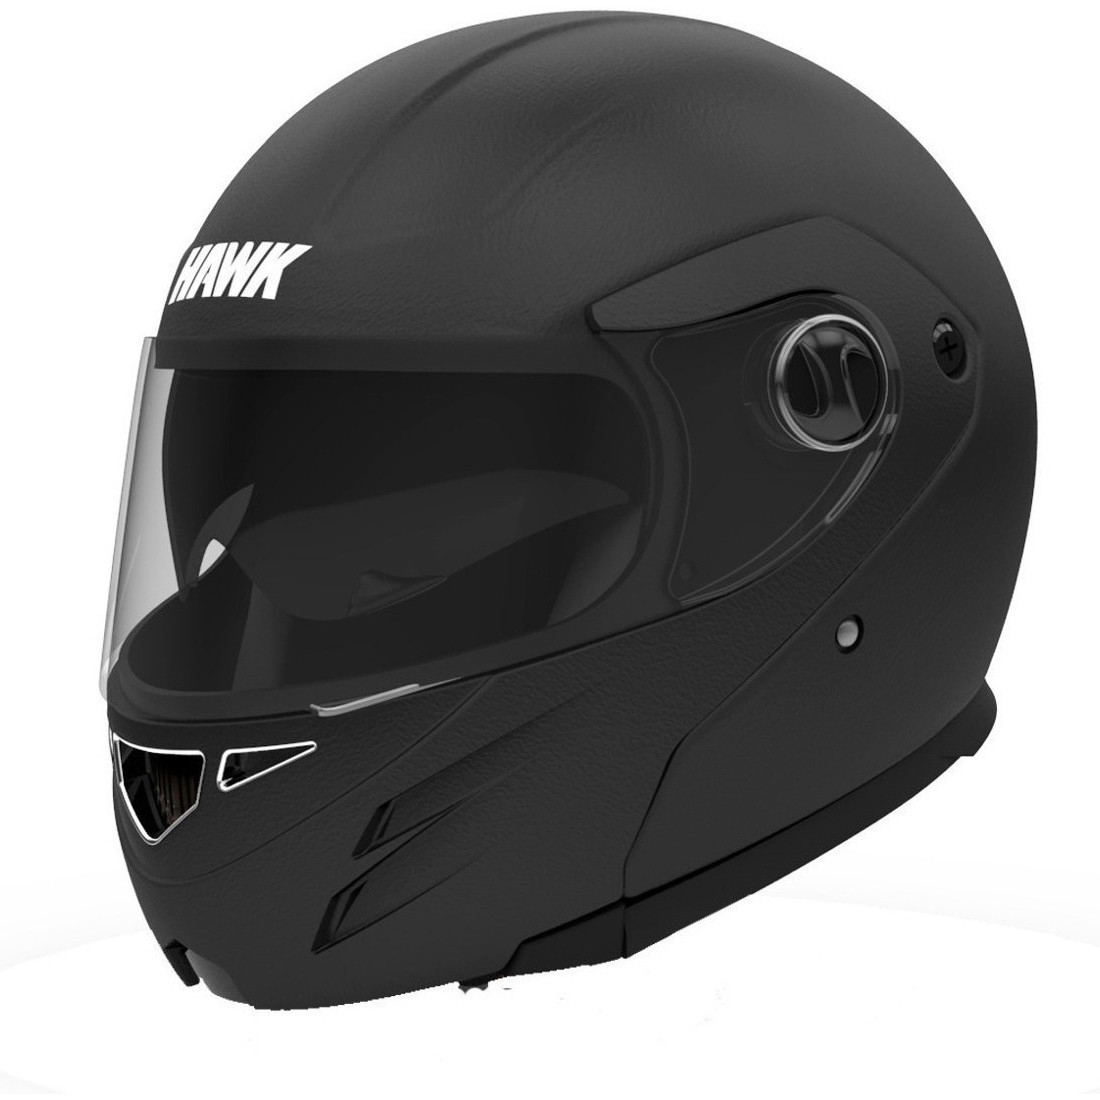 Casco Rebatible Hawk RS5 Thick Negro